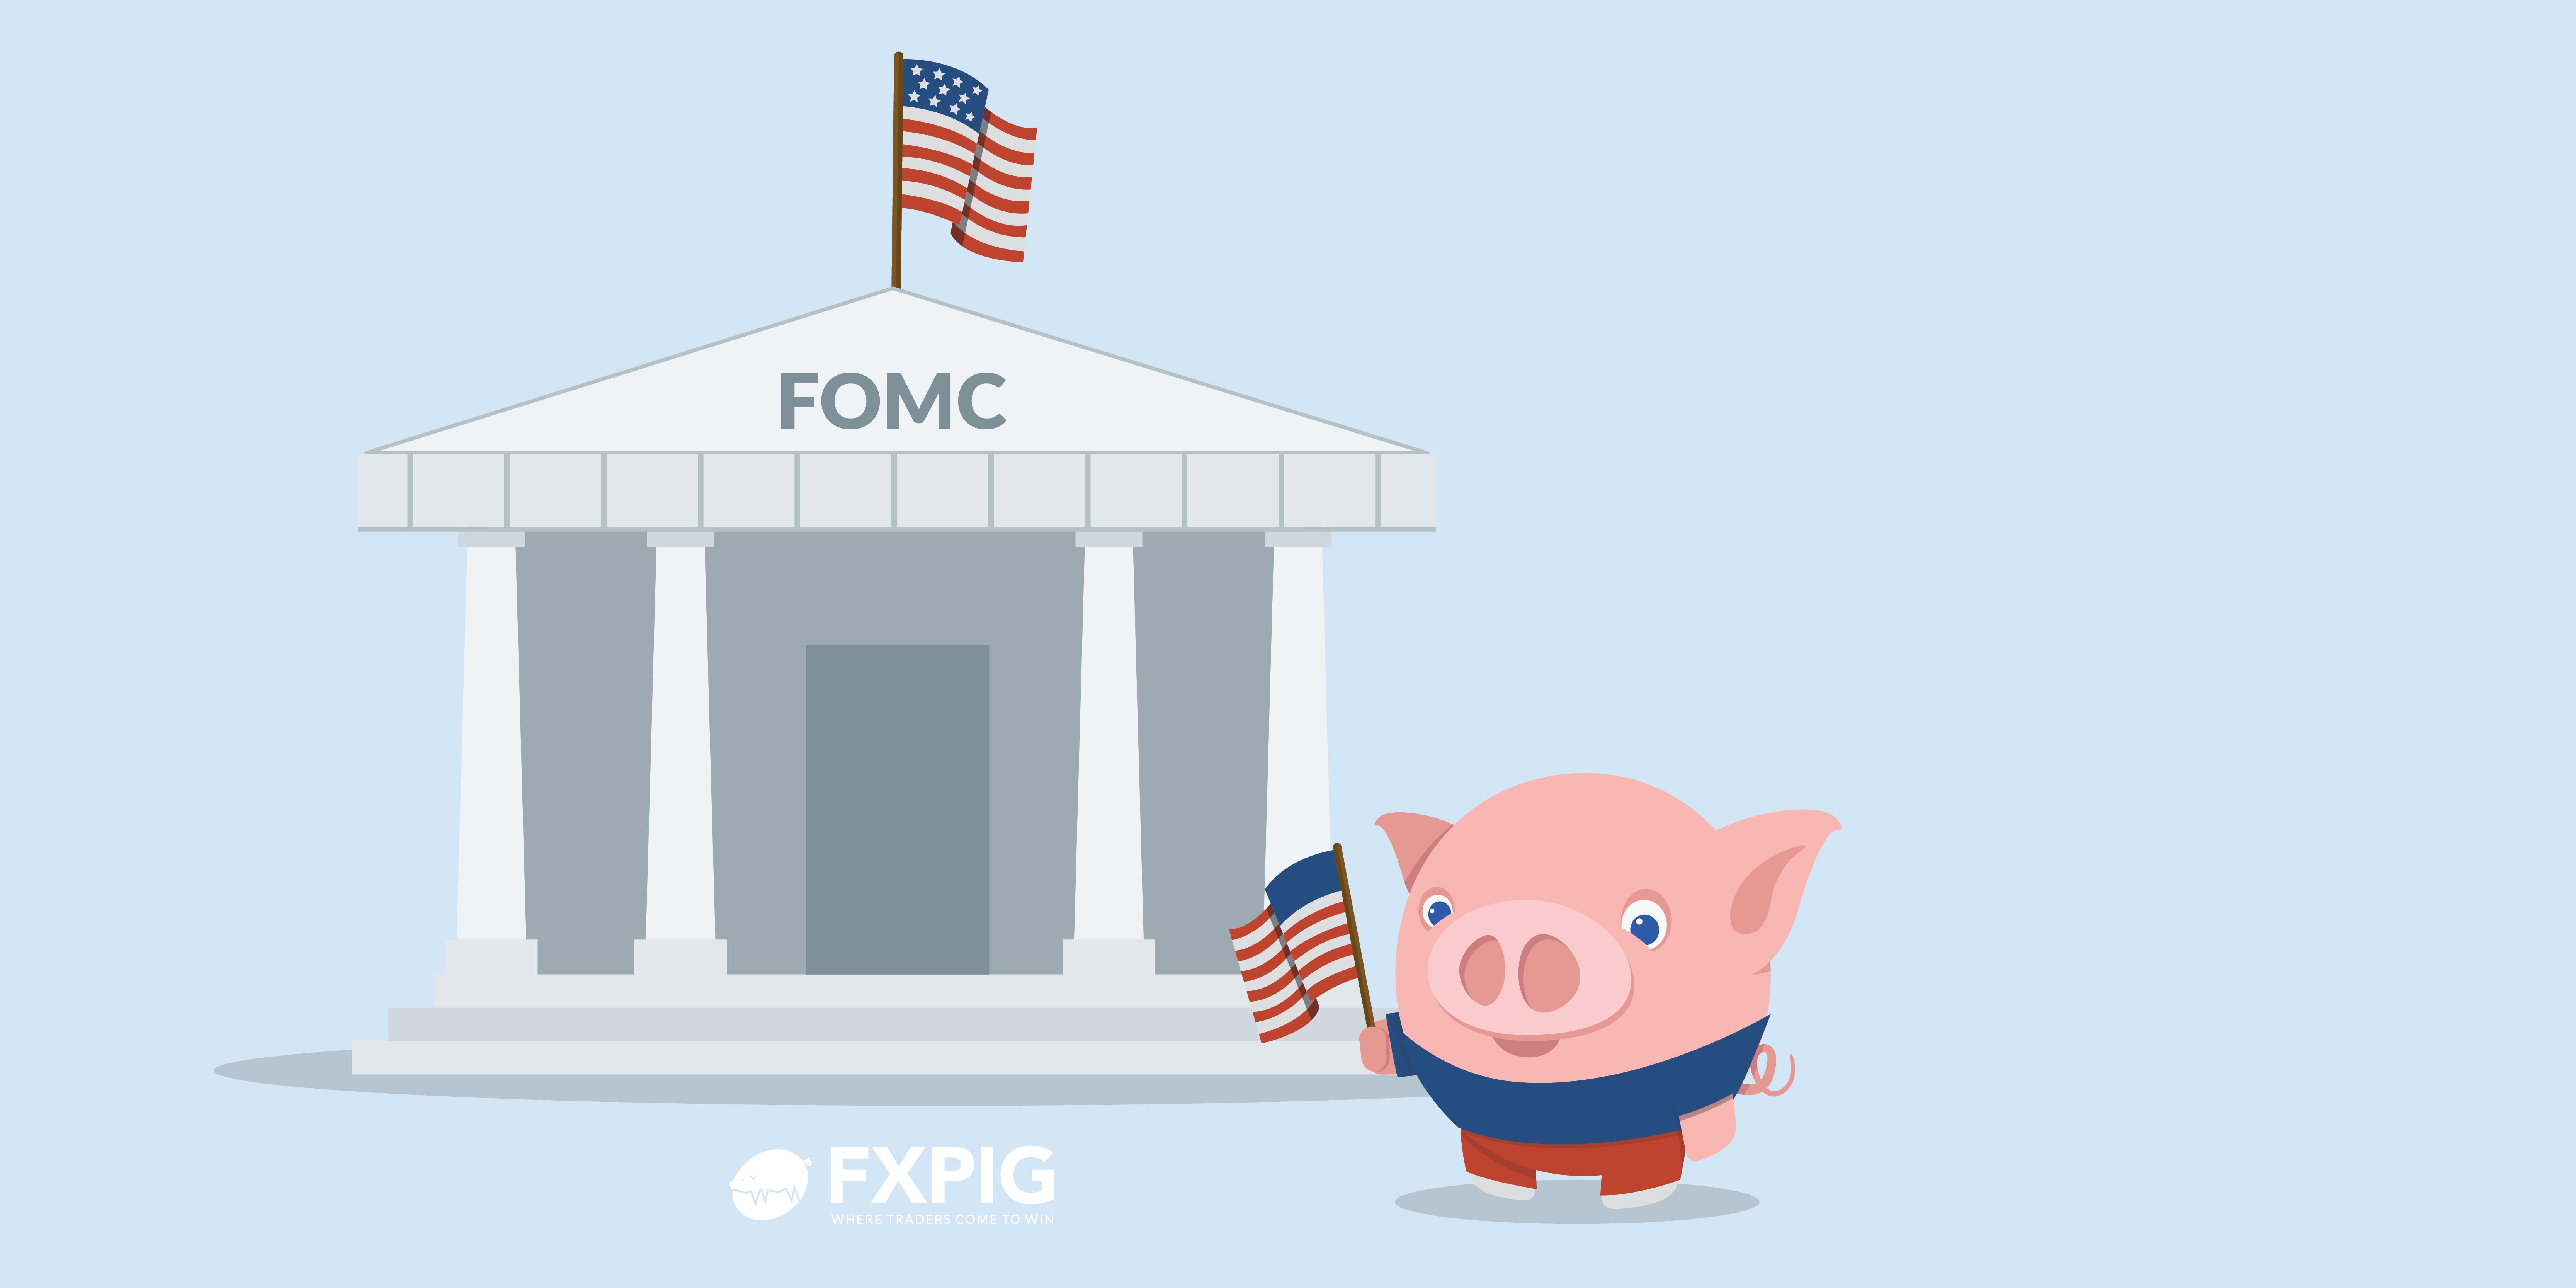 FOREX_EURUSD-FOMC-eyed_FXPIG